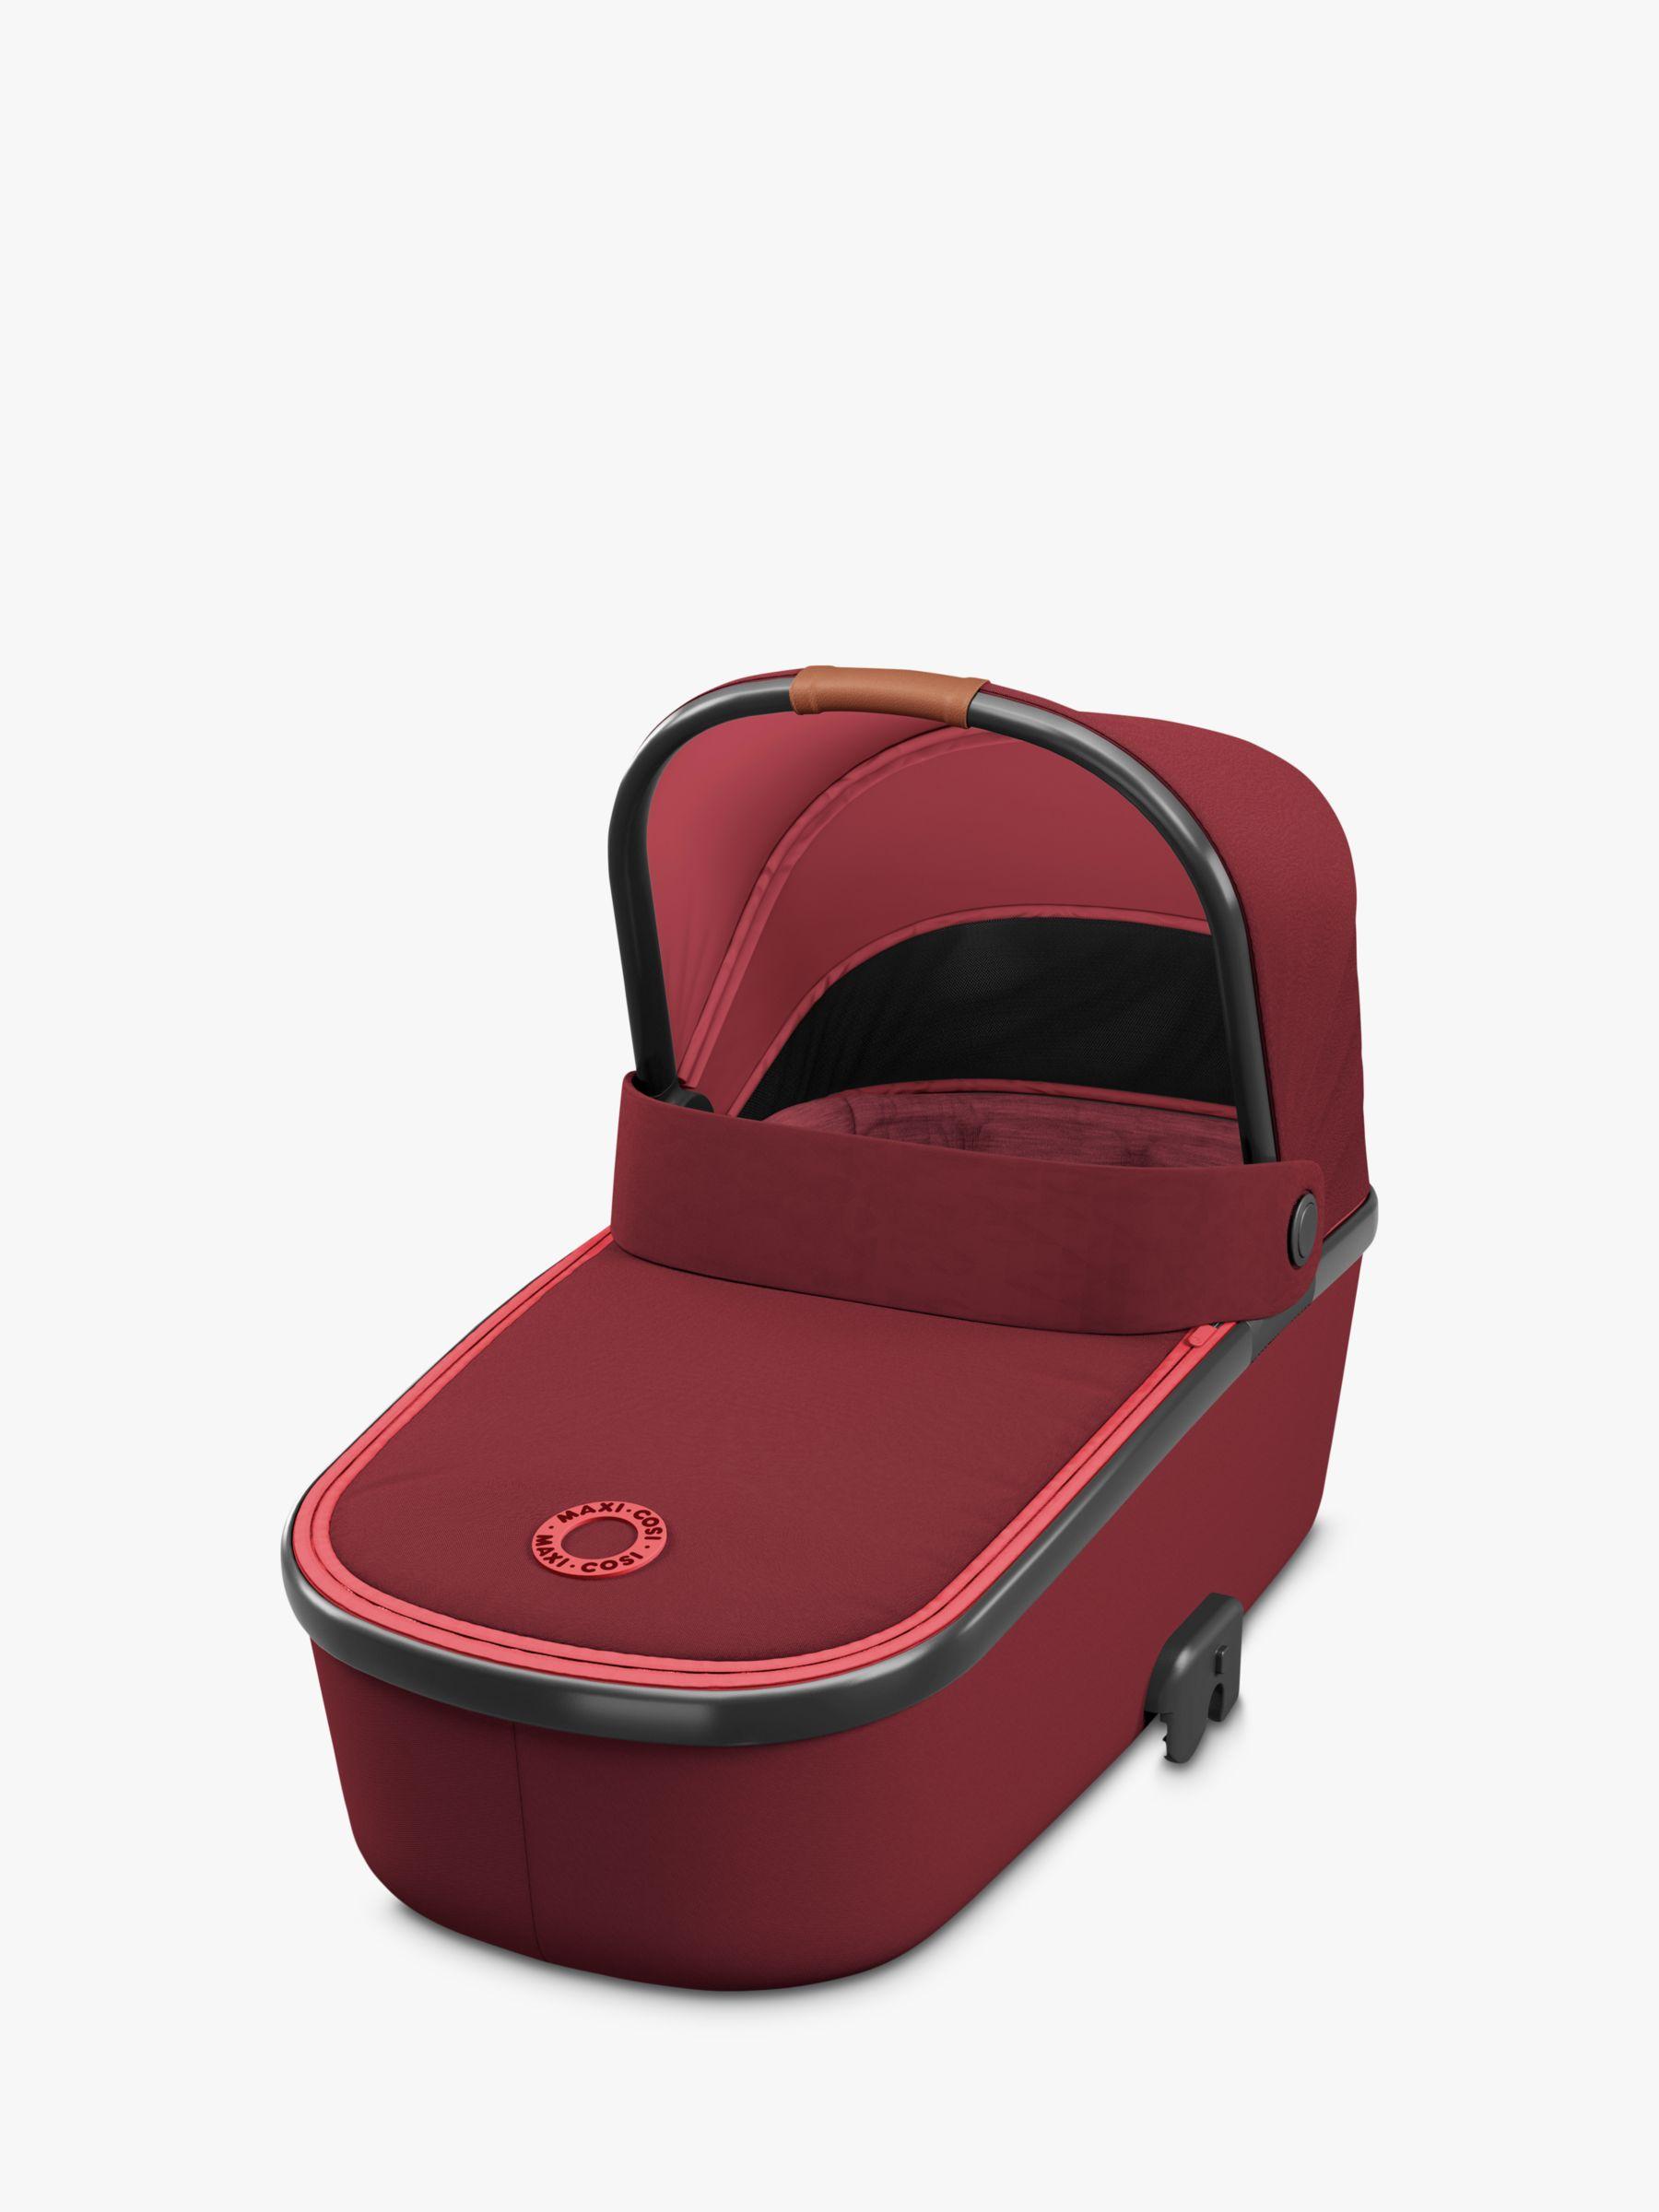 Maxi-Cosi Maxi-Cosi Oria Carrycot, Essential Red